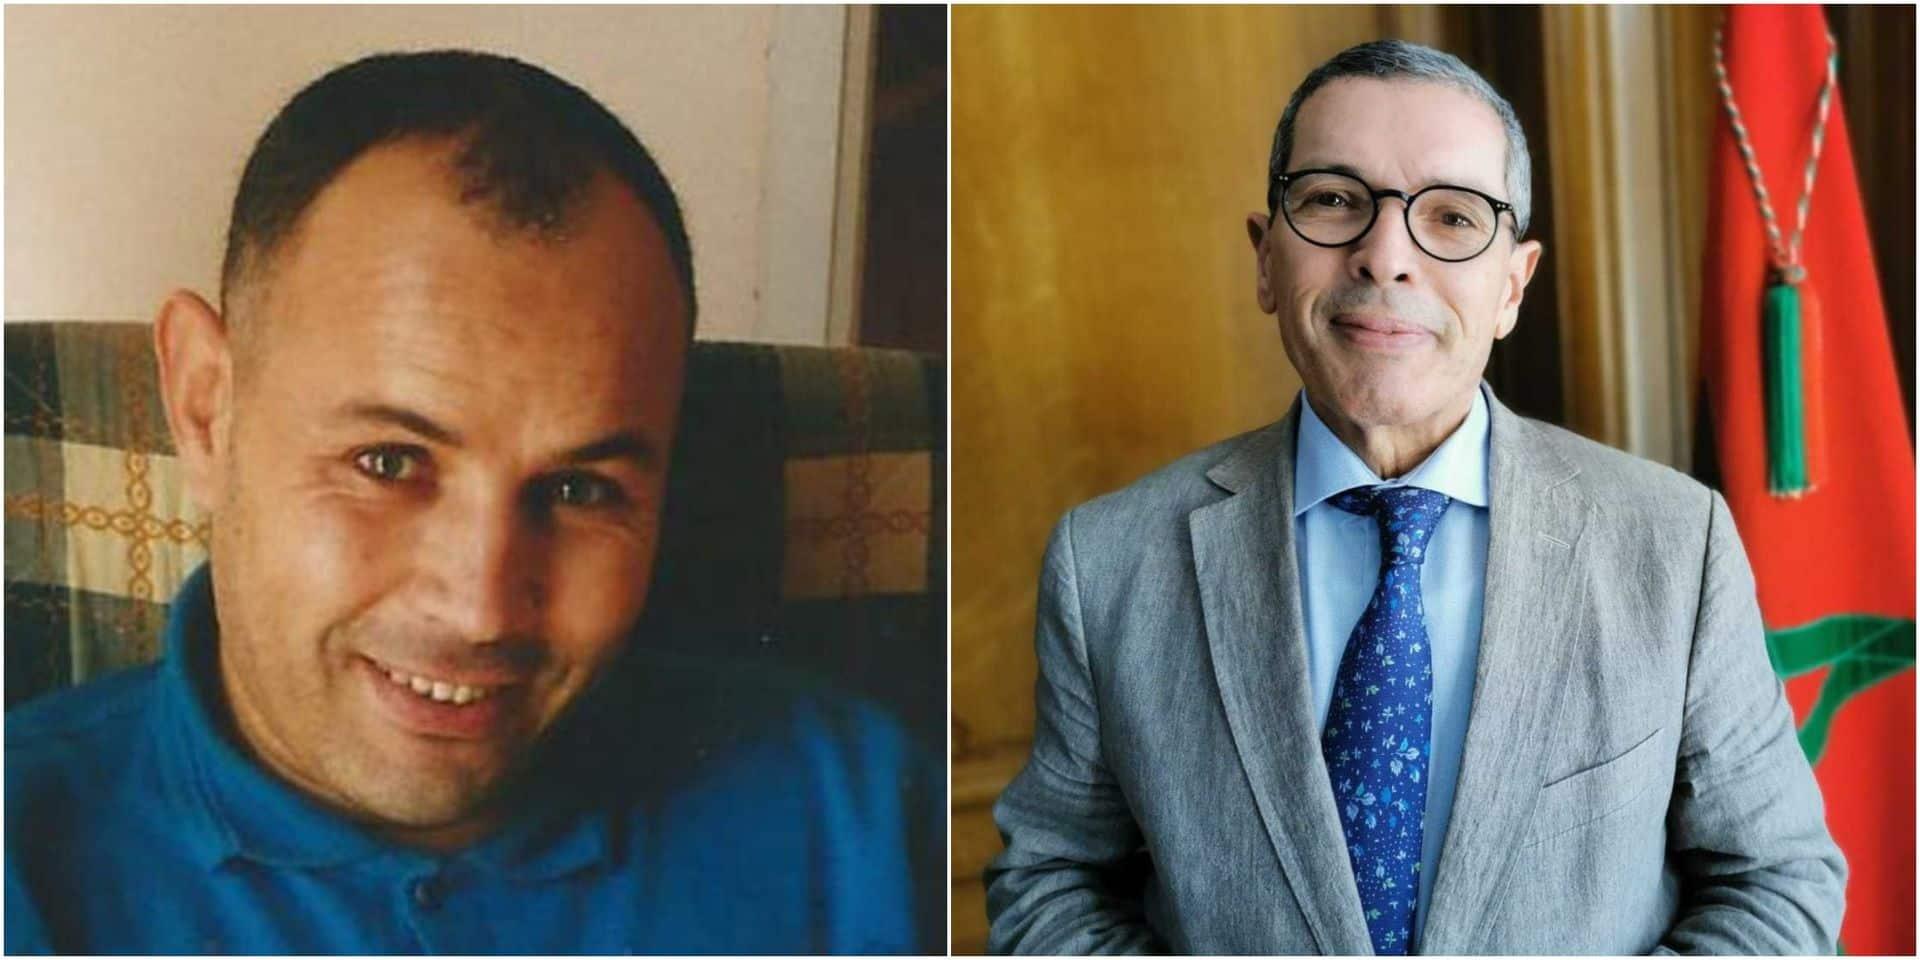 """L'ambassadeur du Maroc ne fera aucune fleur au """"manipulateur"""" Ali Aarrass: """"Il veut détourner l'attention des Belges de son parcours terroriste avéré"""""""